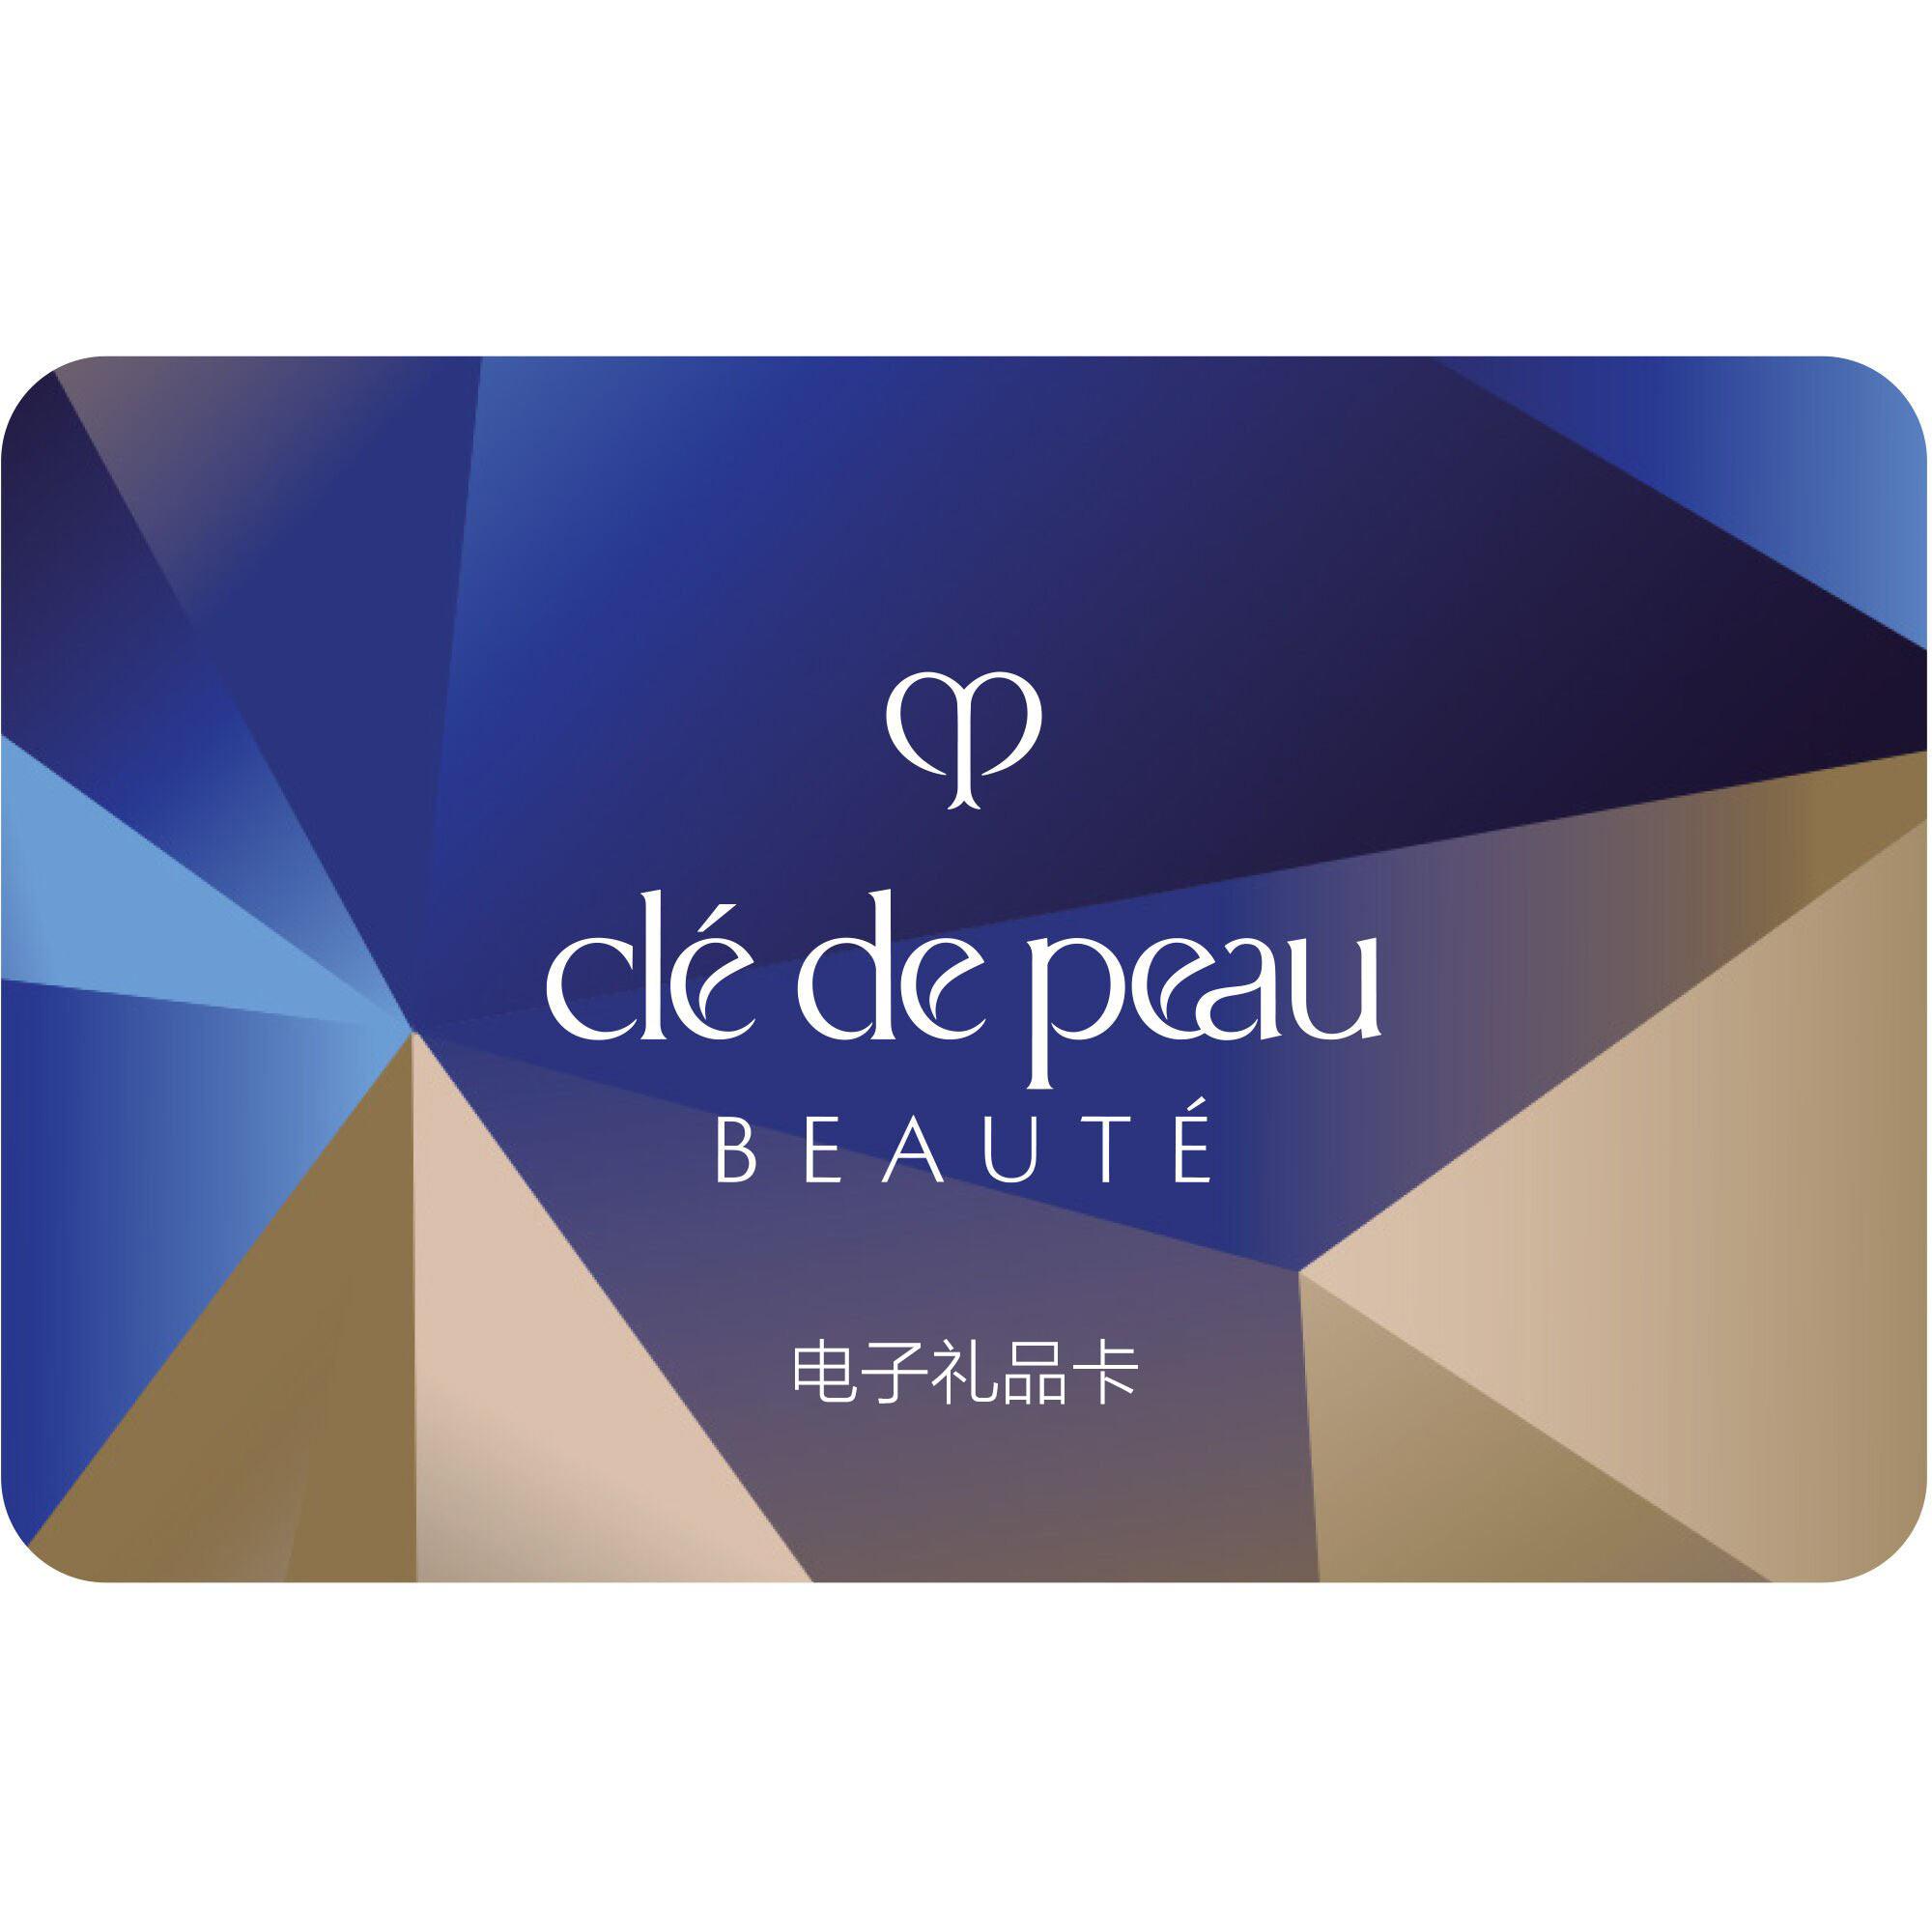 CPB电子礼品卡 - 25美元,